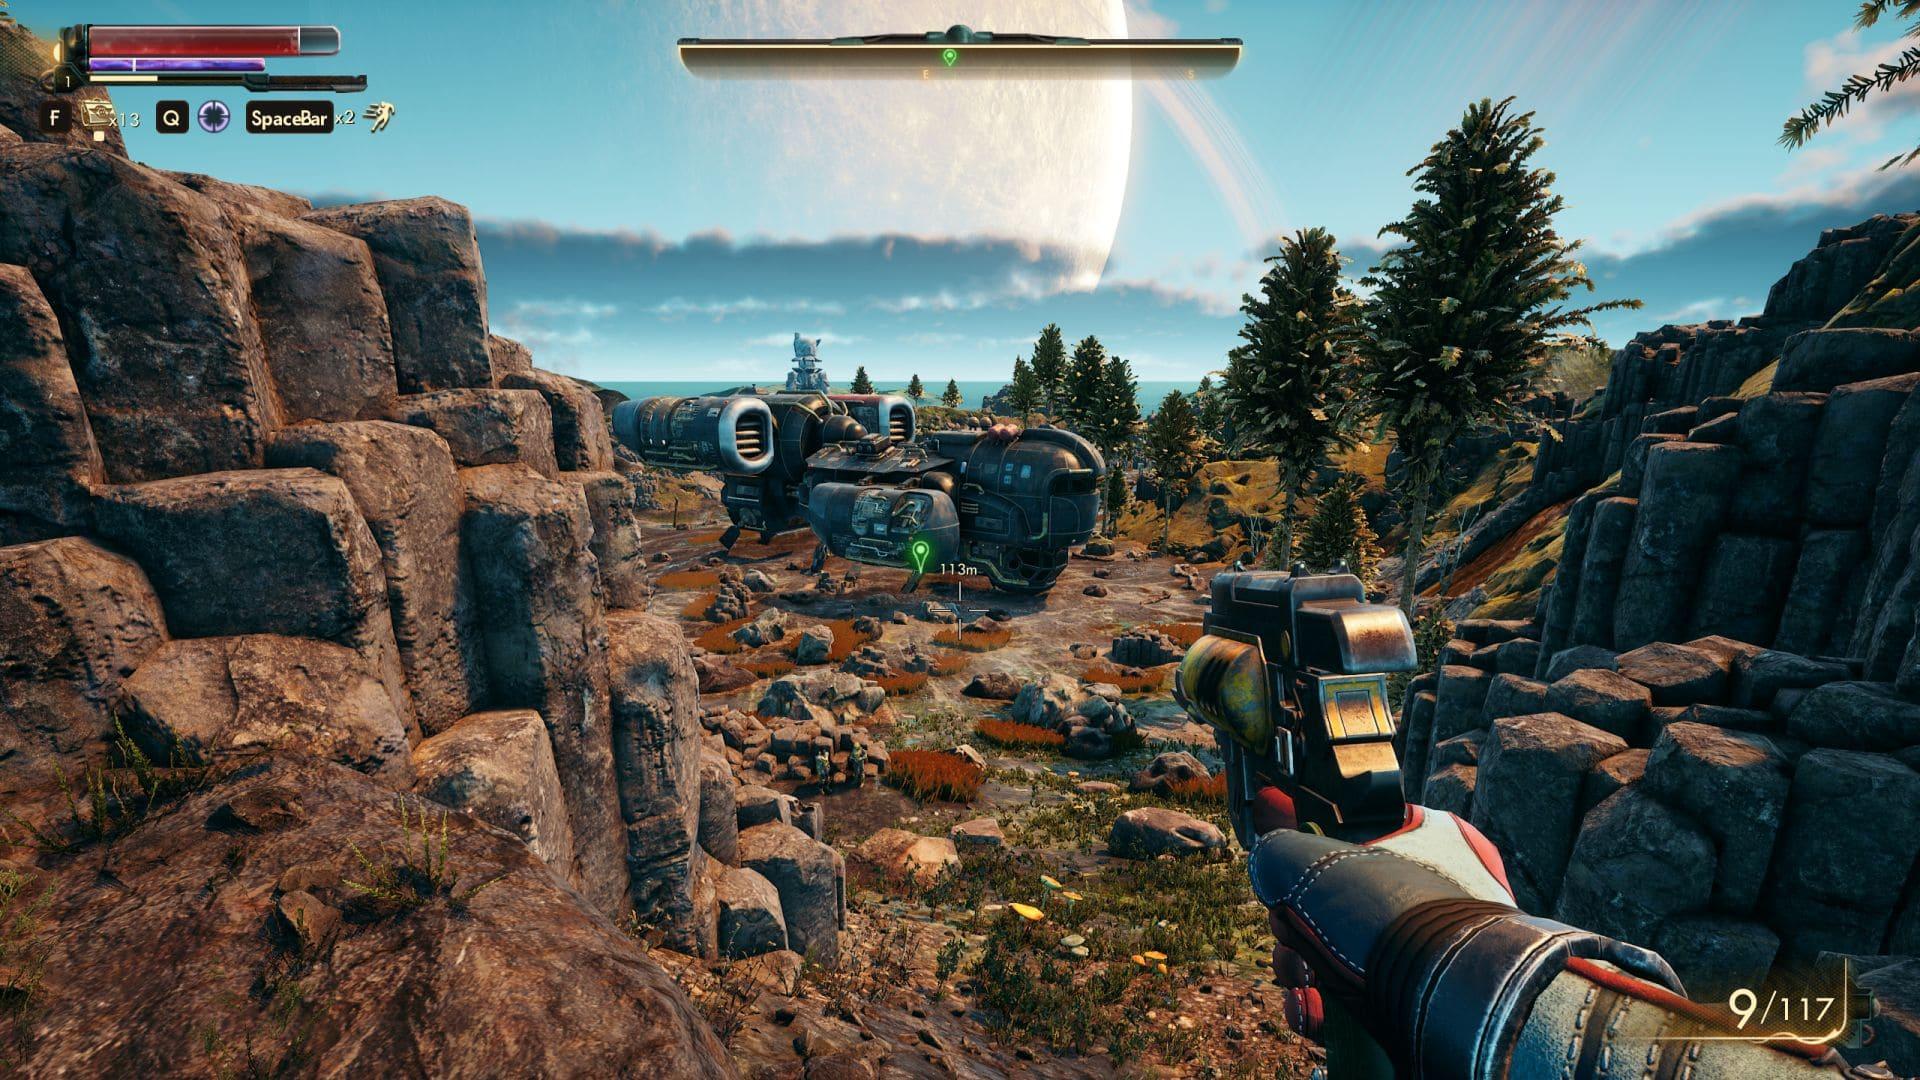 Xbox Game Pass gry najlepsza fabuła - The Outer Worlds